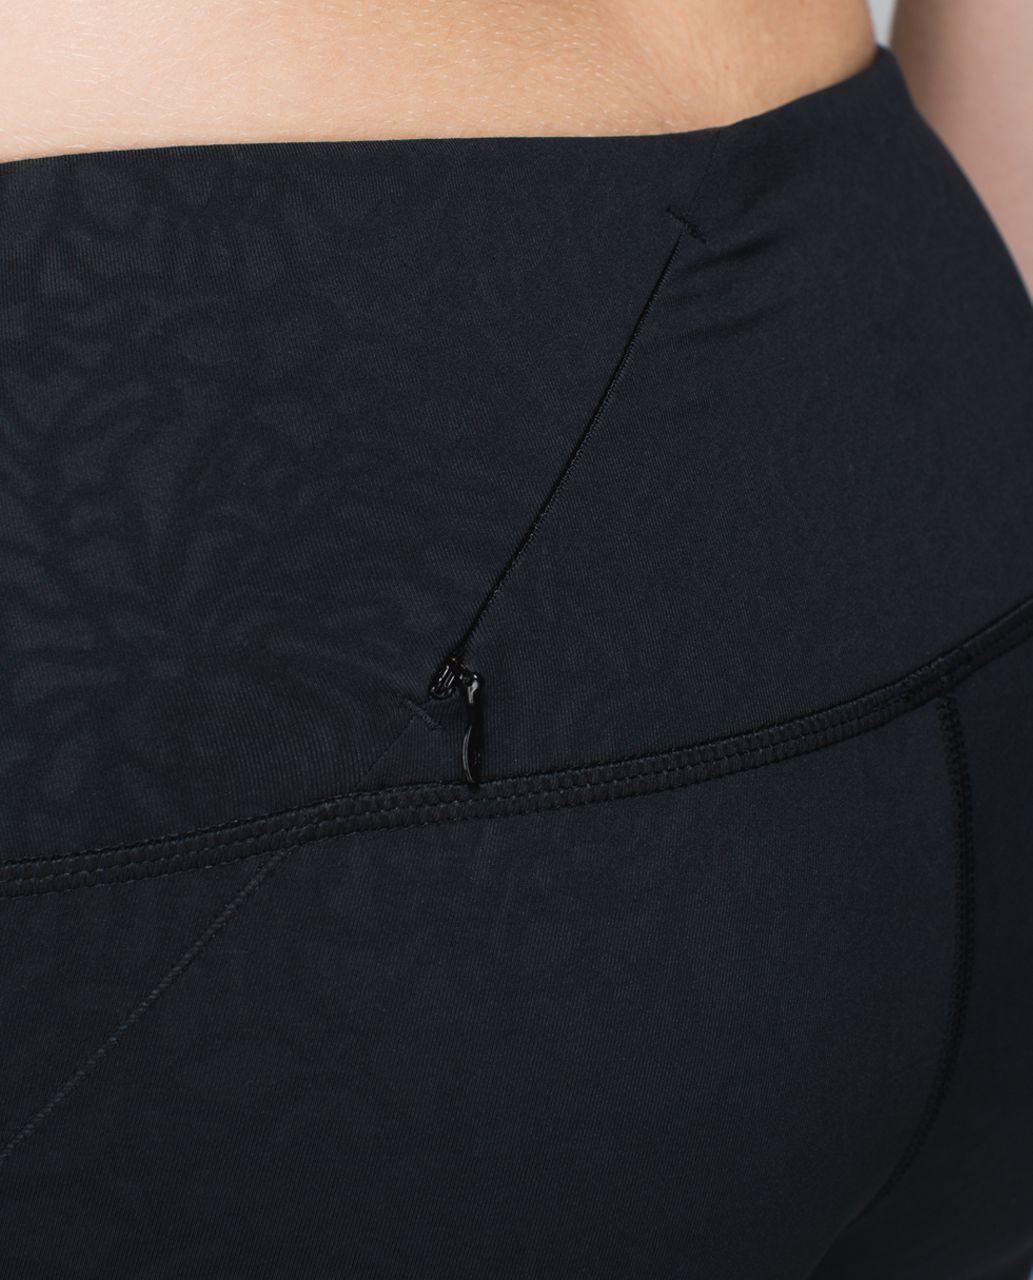 Lululemon Rebel Runner Crop - Petal Camo Embossed Black / Black